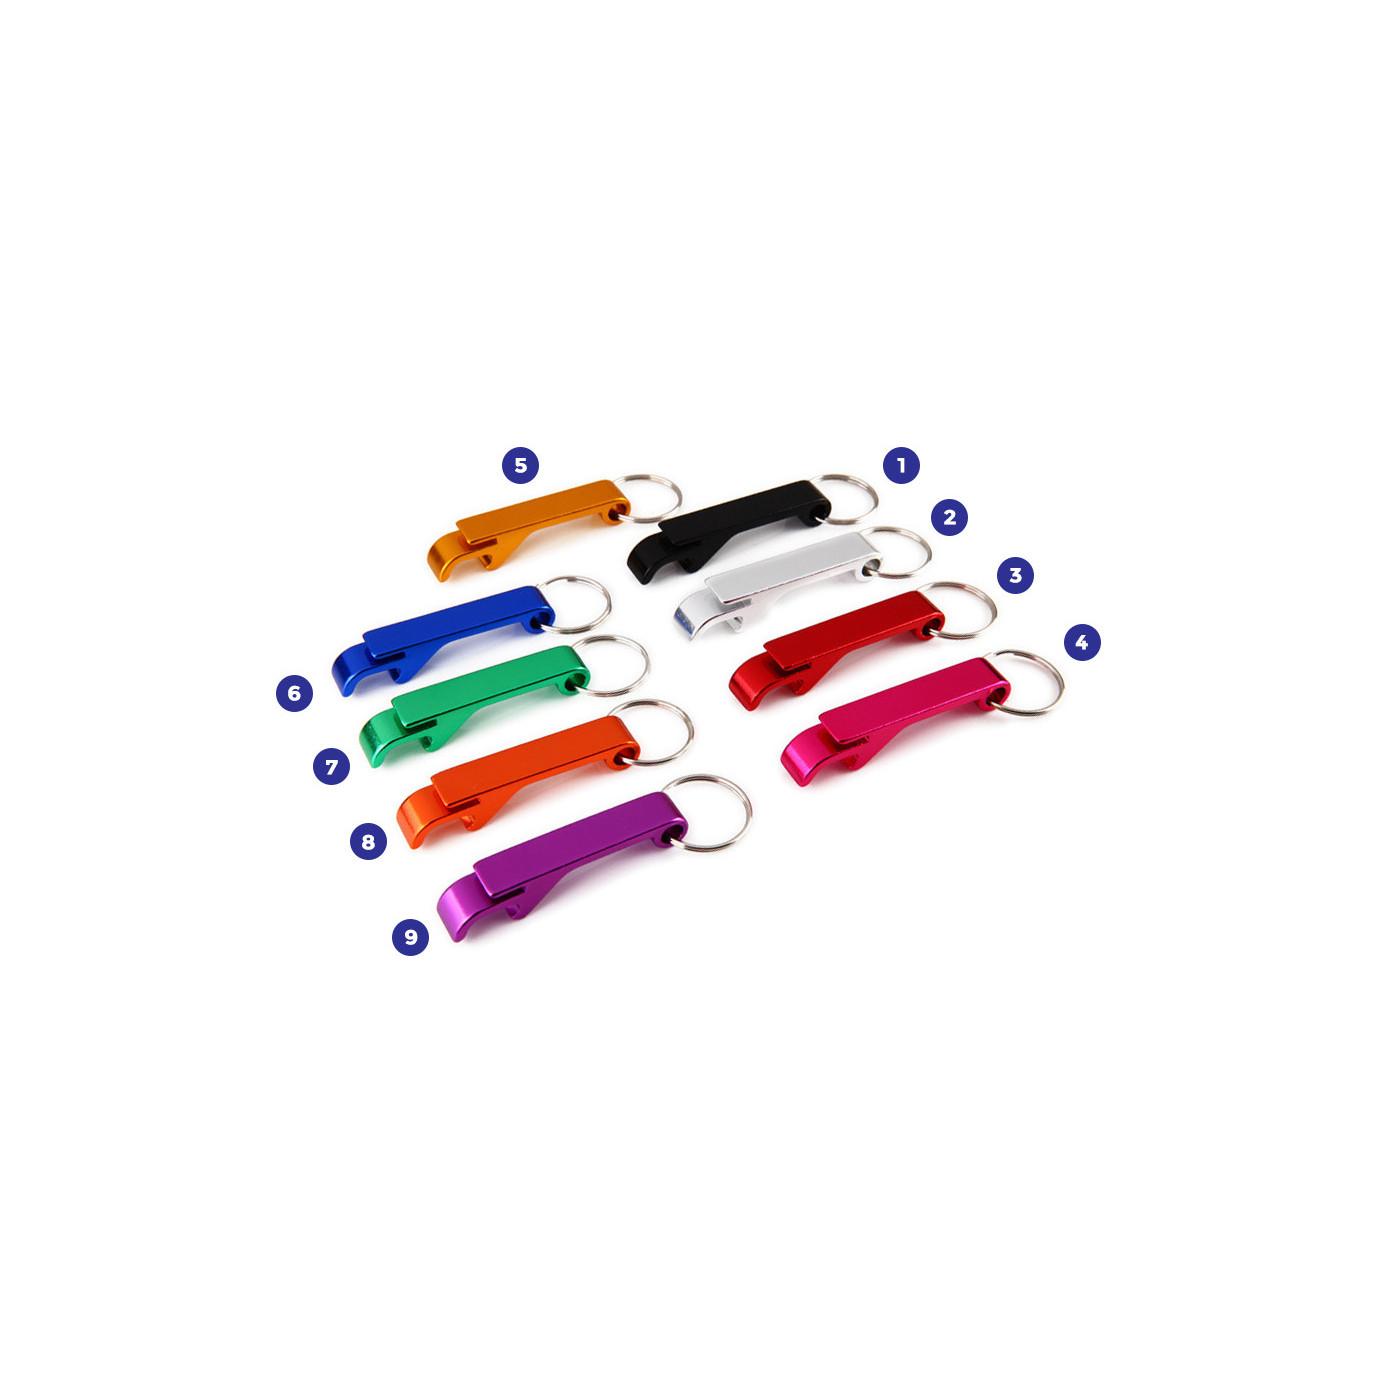 Set van 10 metalen flesopeners, kleur 3: rood